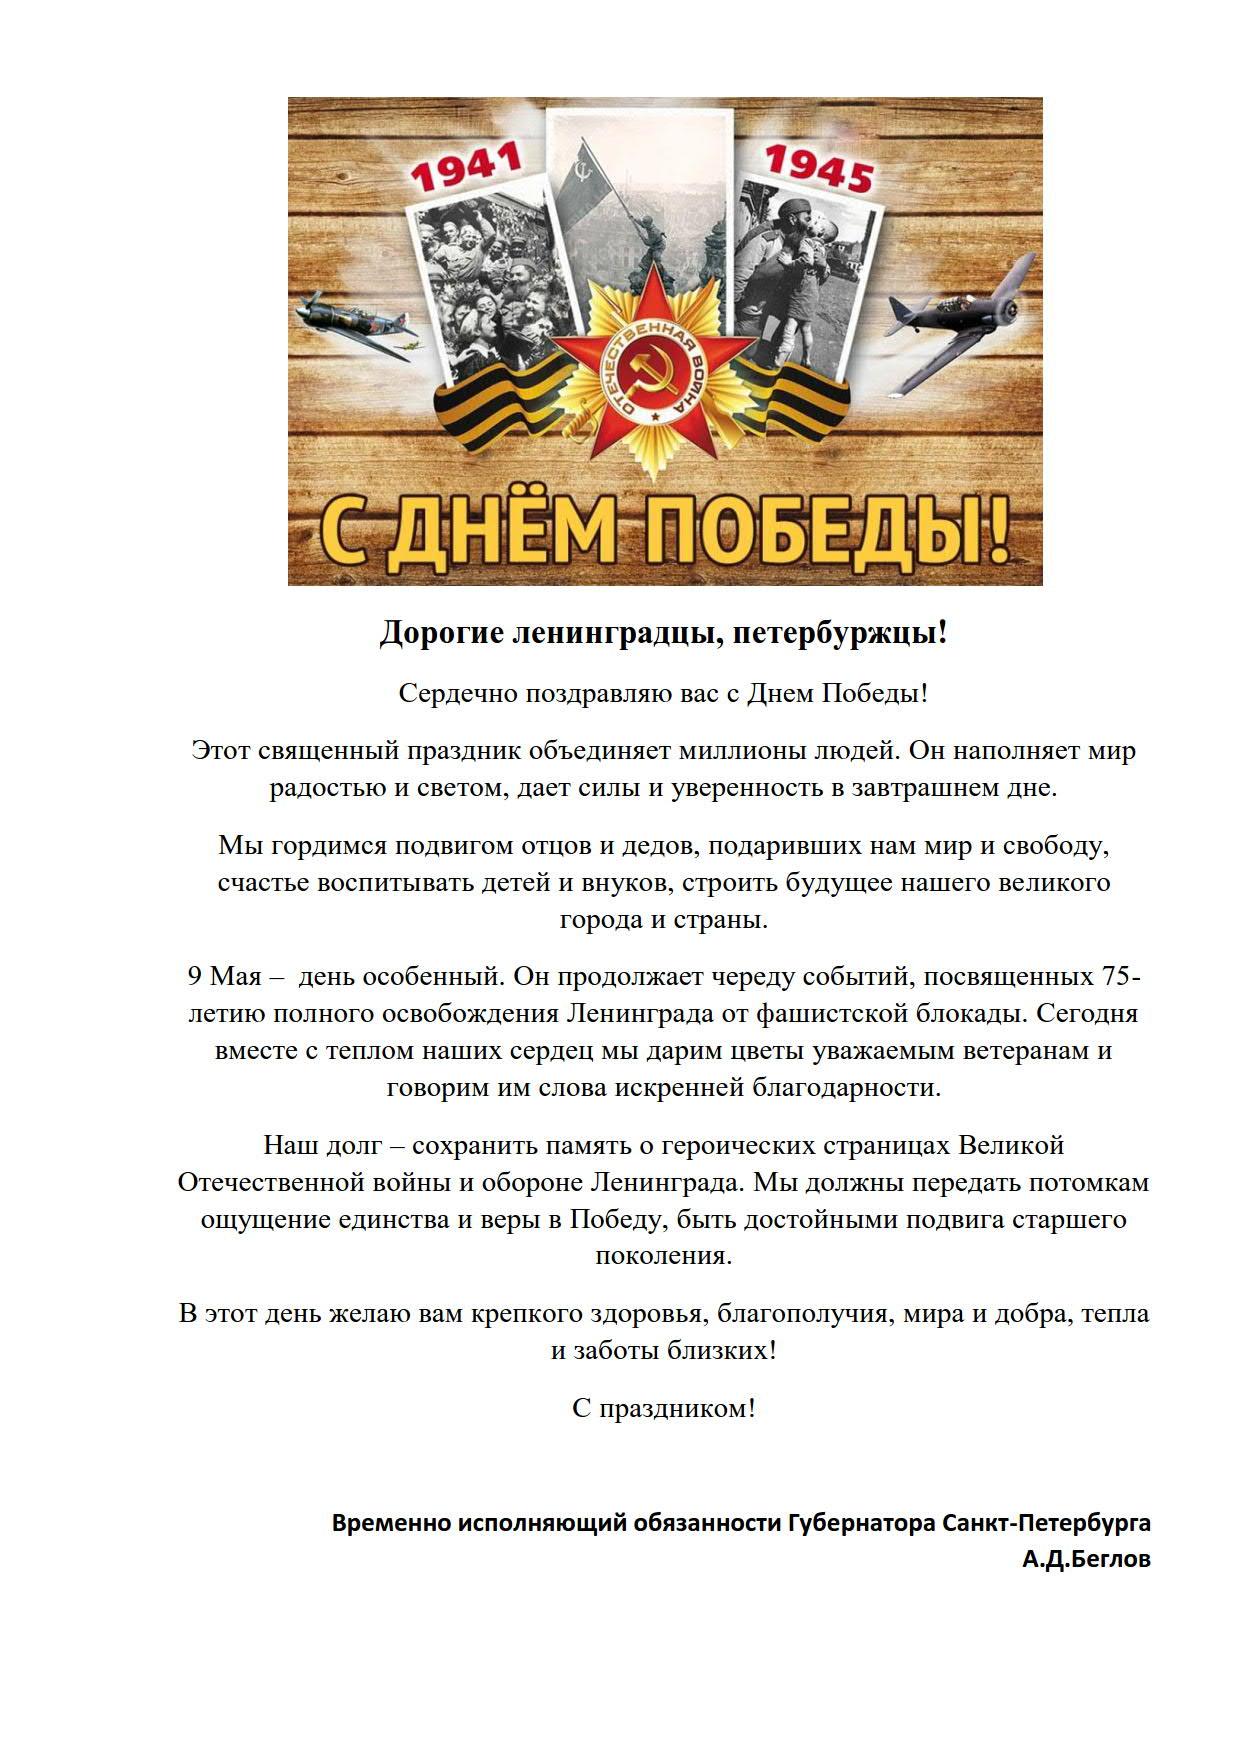 Поздравление А.Д. Беглова с Днем Победы_1